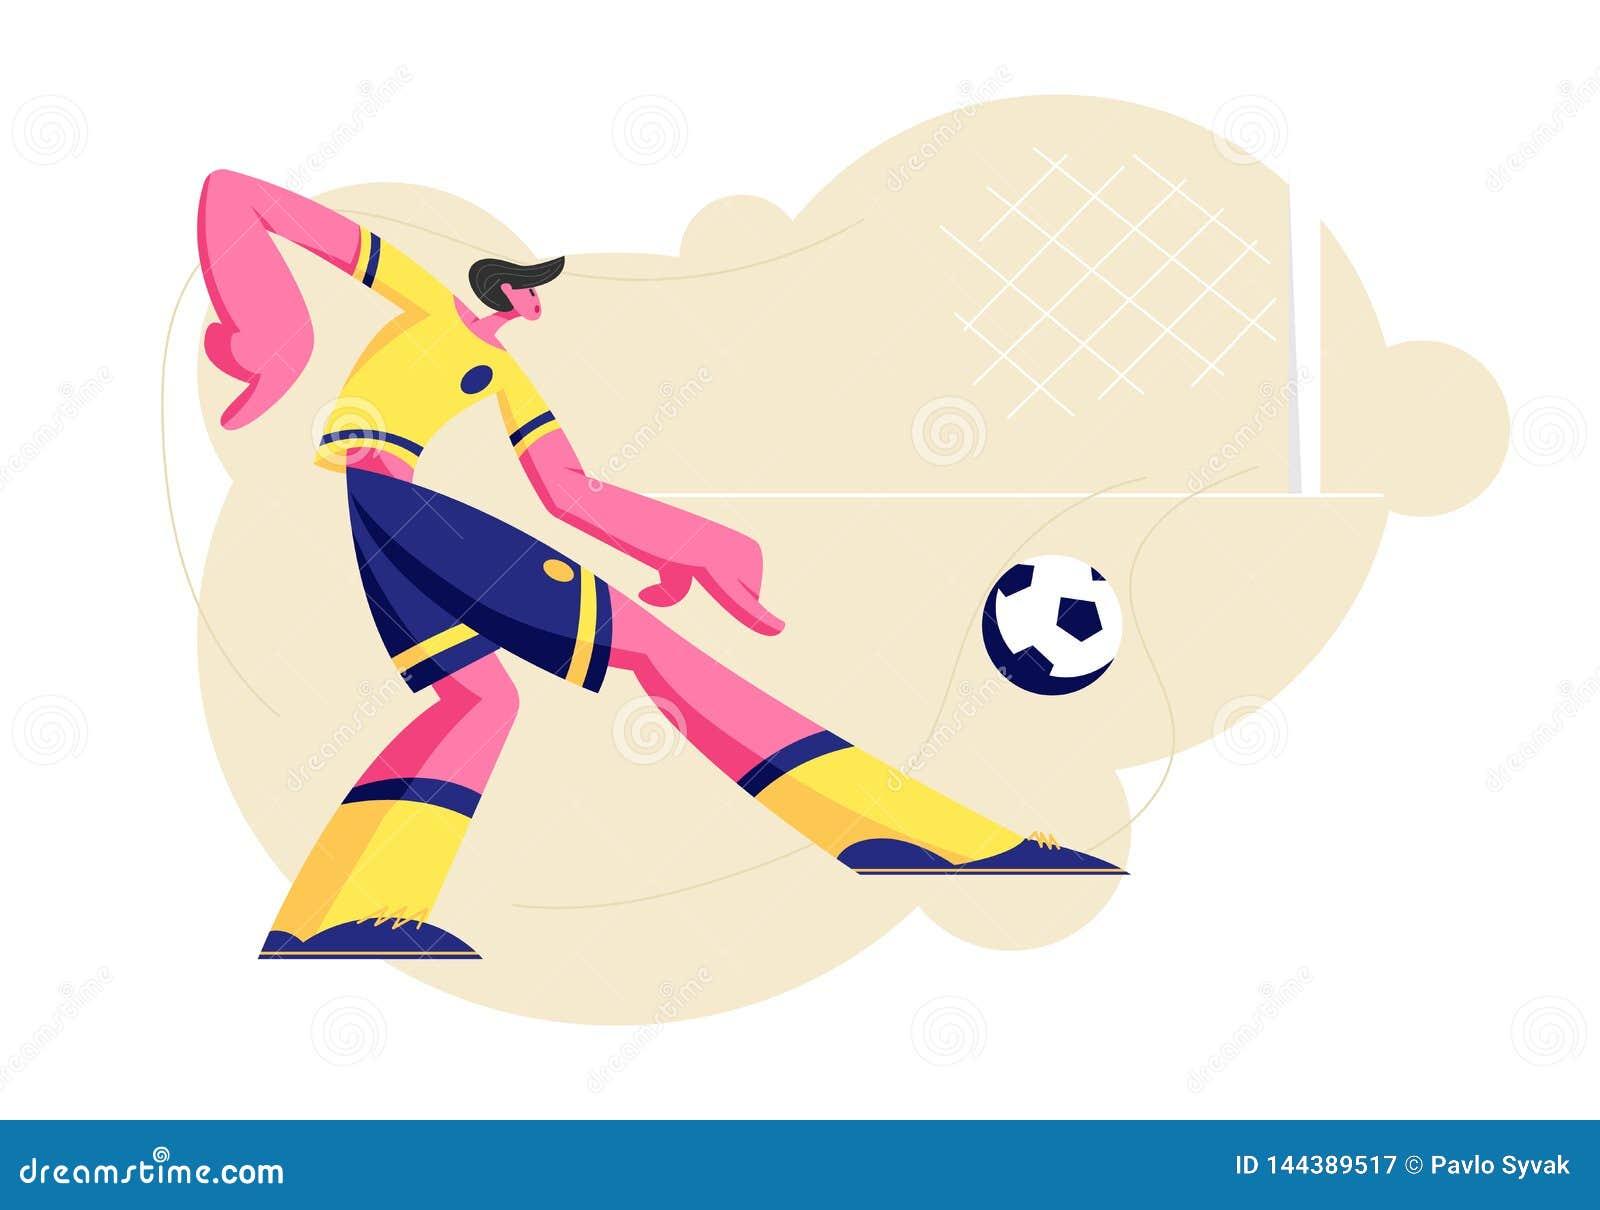 Νέος χαρακτήρας ποδοσφαιριστών στην ομοιόμορφη σφαίρα λακτίσματος ομάδας, κατάρτιση αθλητικών τύπων πριν από τον ανταγωνισμό, πρω